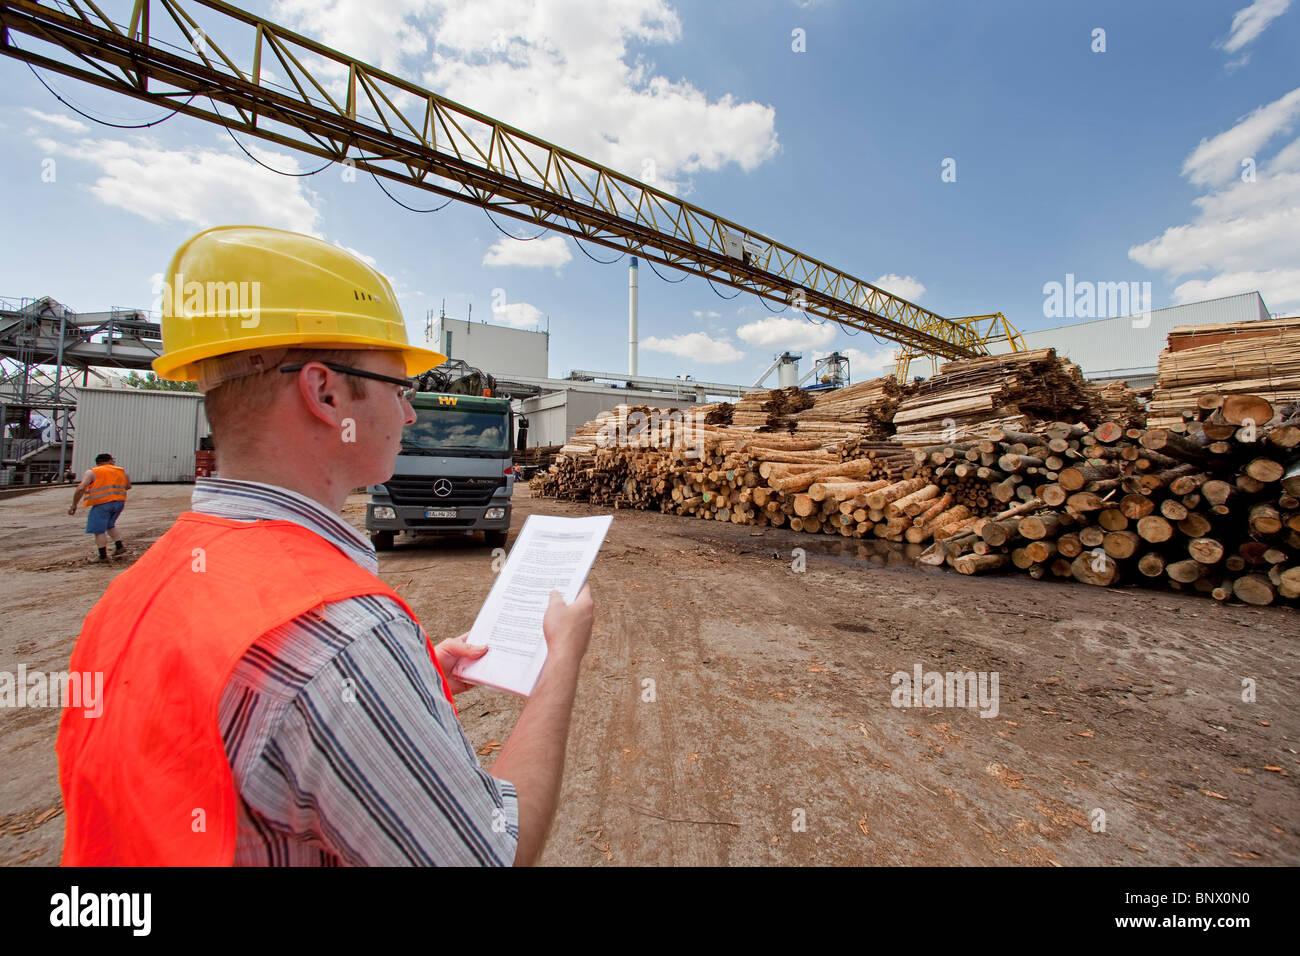 Pfleiderer AG Unternehmen, Produktionsstätte für Spanplatten, Arbeiter in Schutzkleidung vor aufgestapelt Stockbild